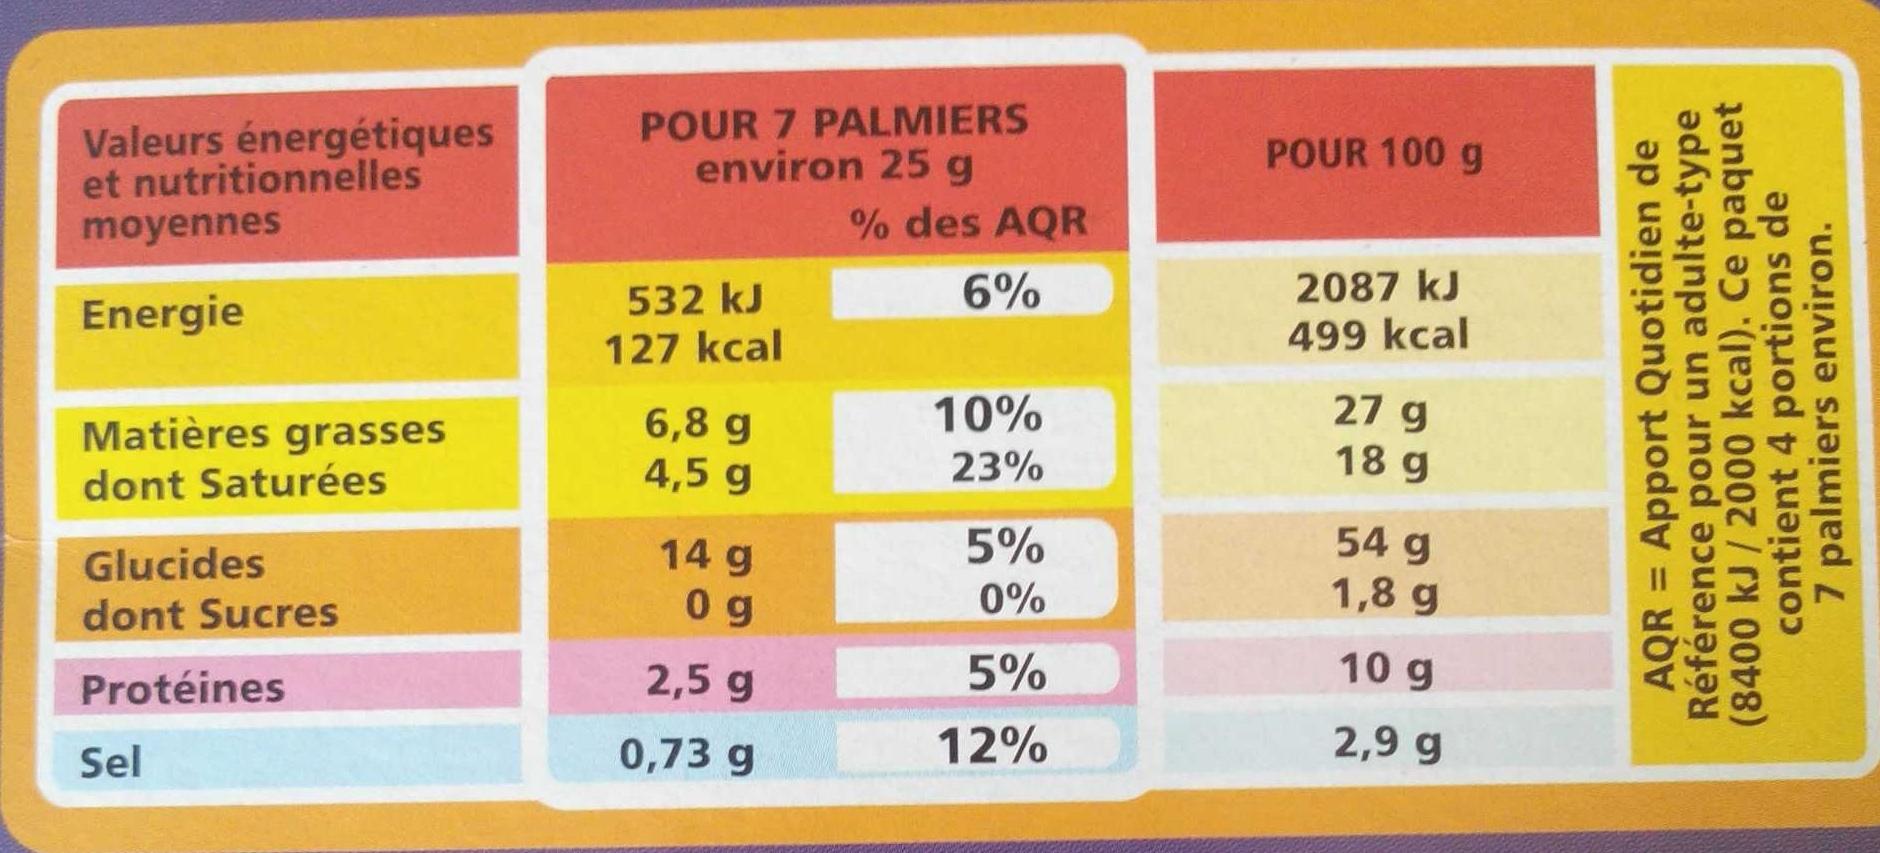 Palmiers aux olives noires - Nutrition facts